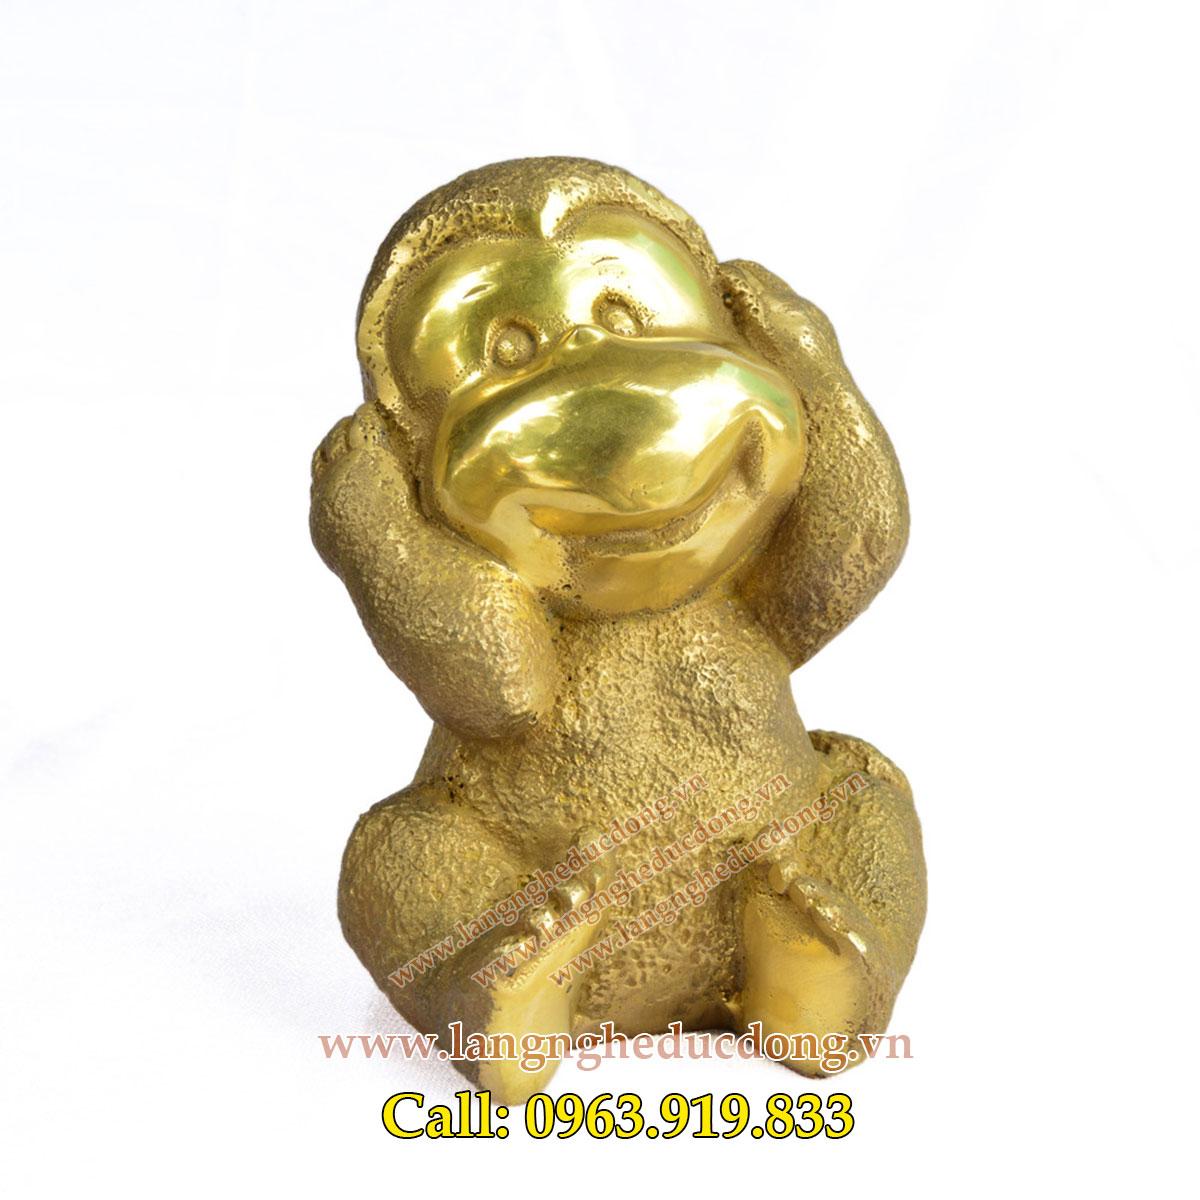 langngheucdong.vn - ượng khỉ đồng, tượng tứ đại giai không